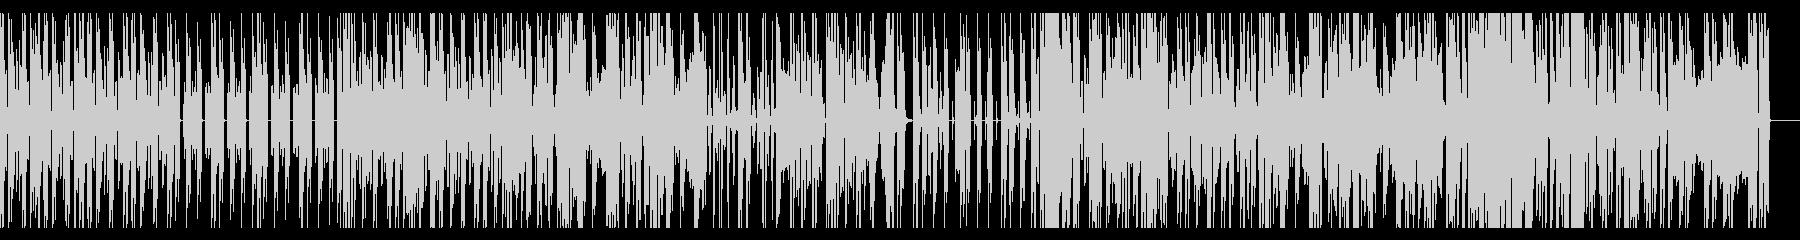 ダークで少しコミカルなエレクトロBGMの未再生の波形